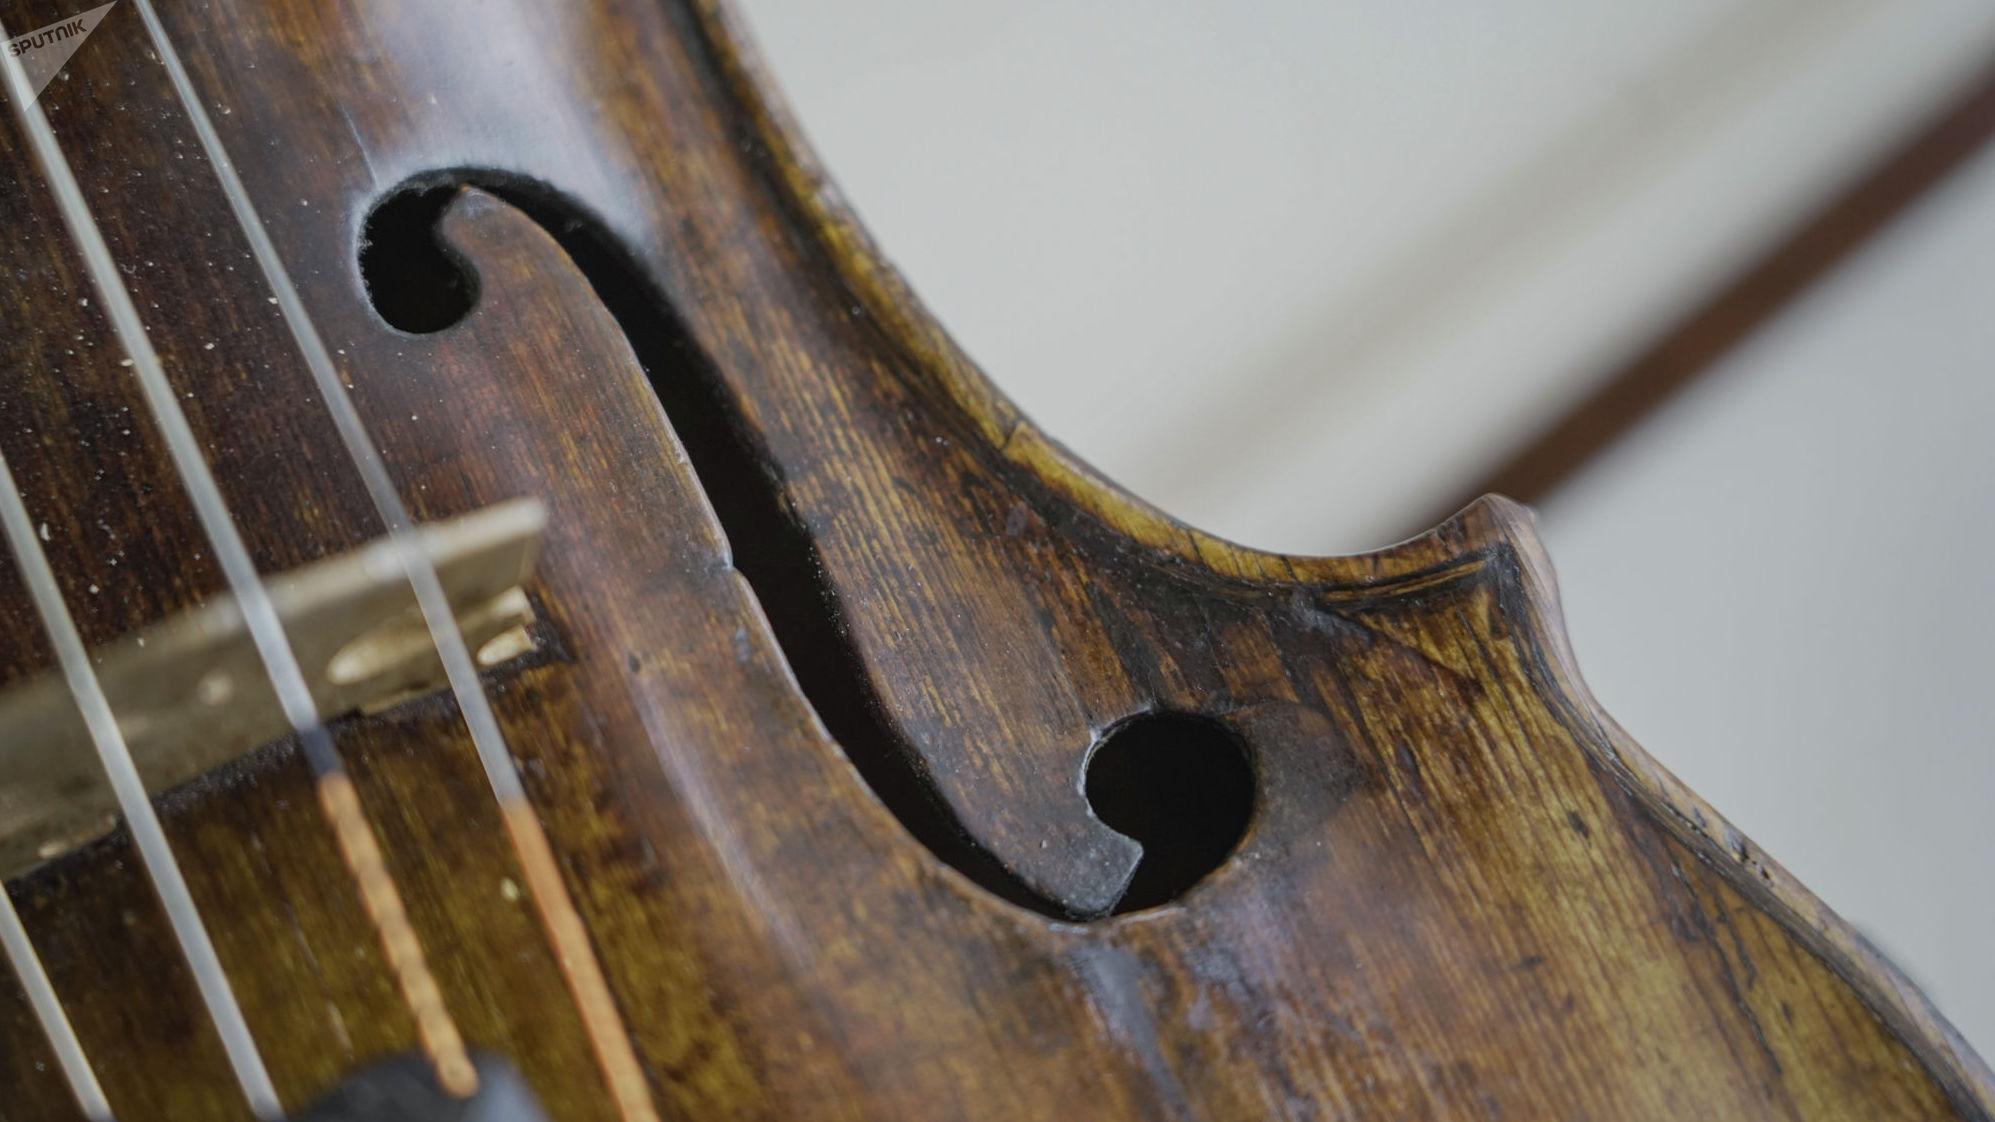 Ценность музыкального инструмента - в удивительном тембре и силе его звучания